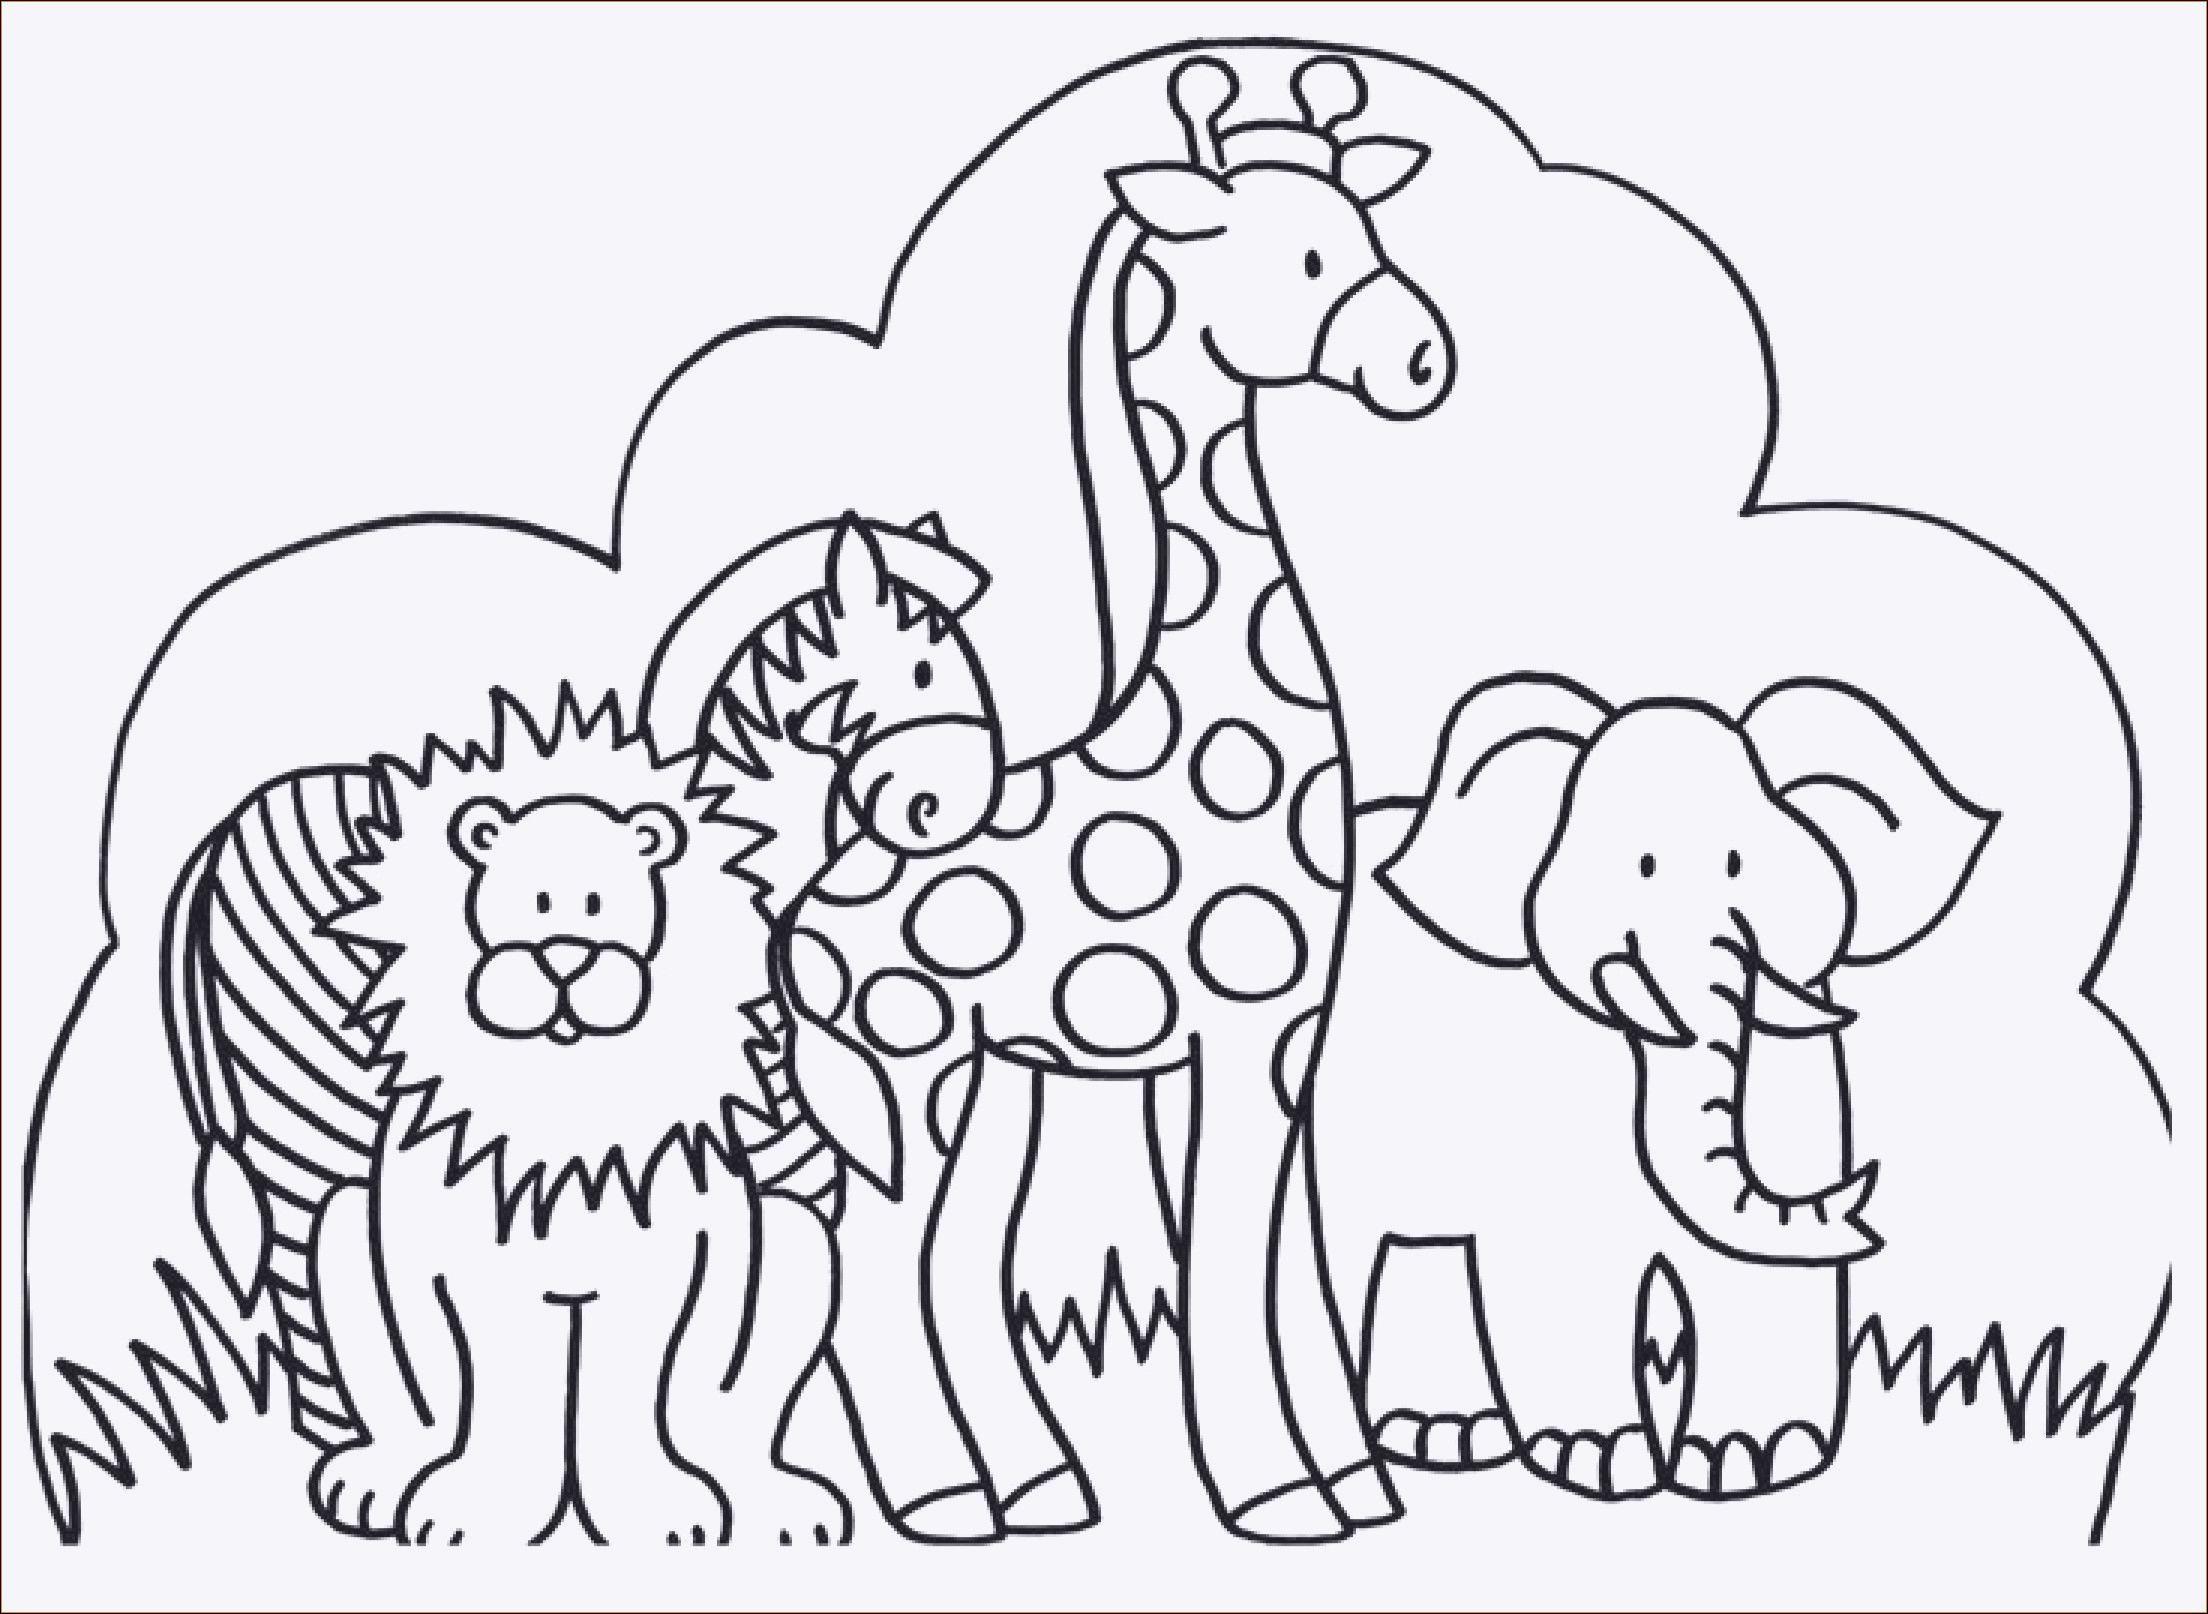 Ausmalbilder Emojis Unicorn Das Beste Von 35 Fantastisch Unicorn Ausmalbild – Malvorlagen Ideen Bilder